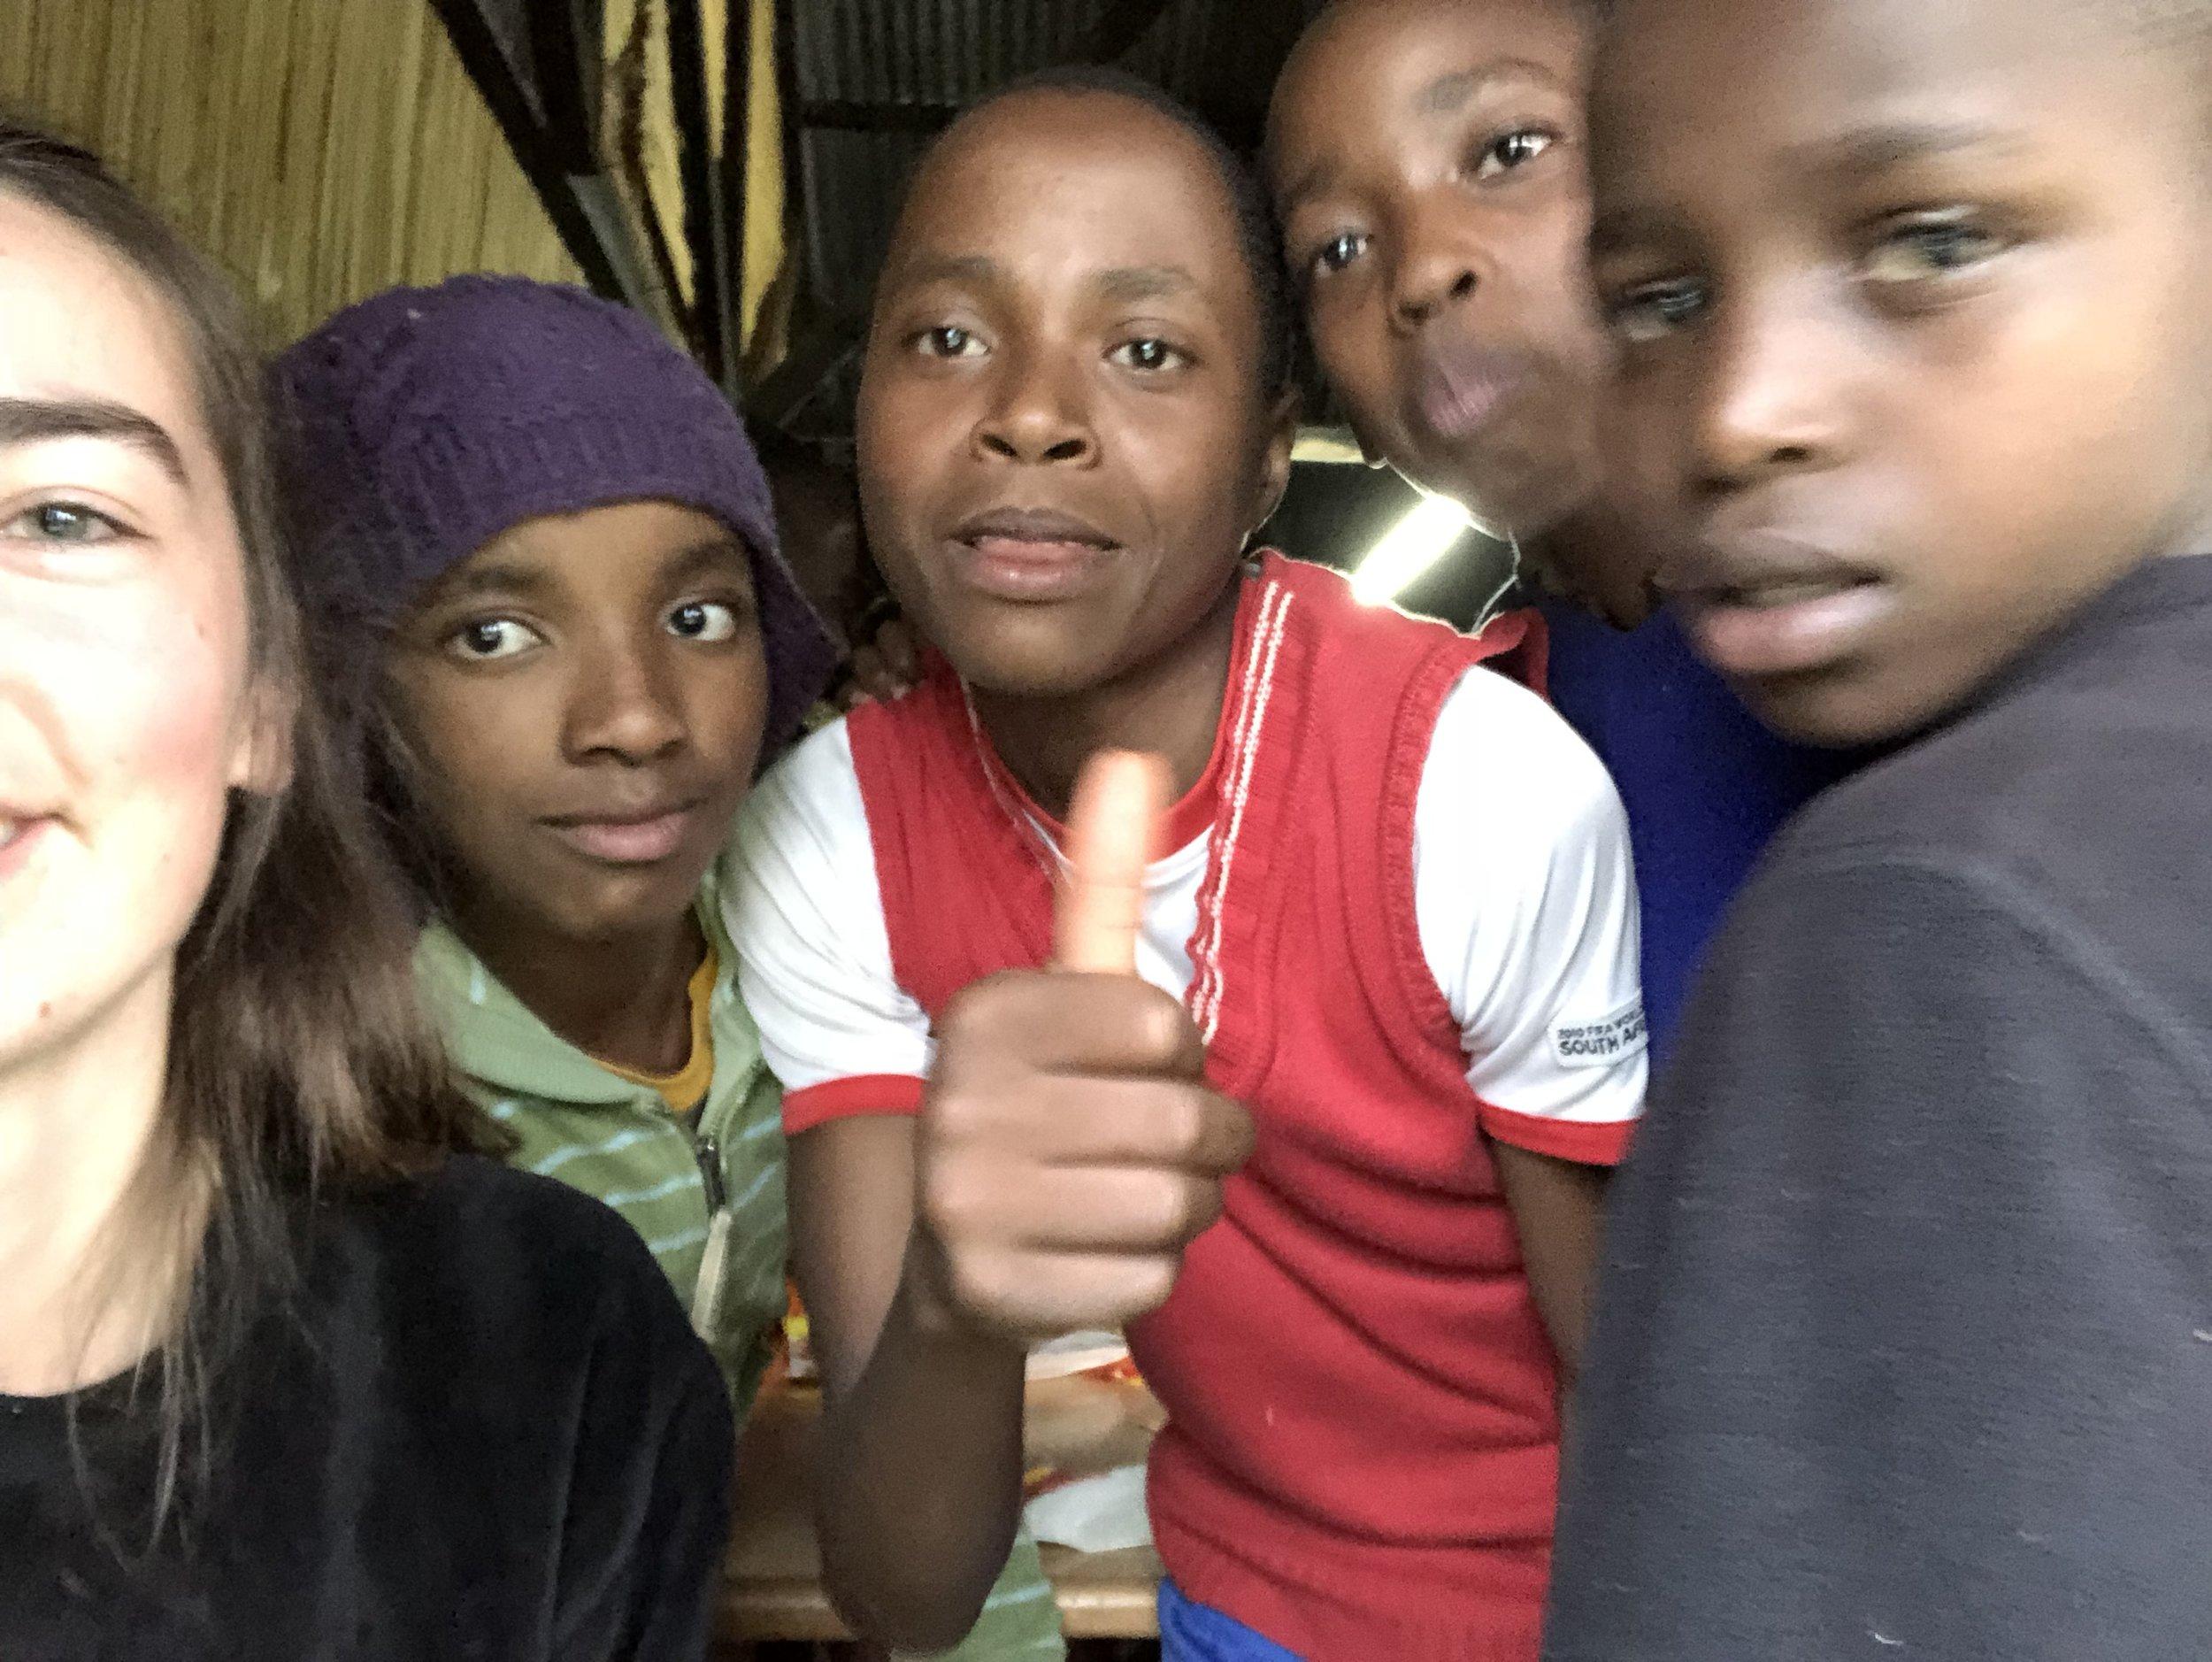 Nairobi lads!